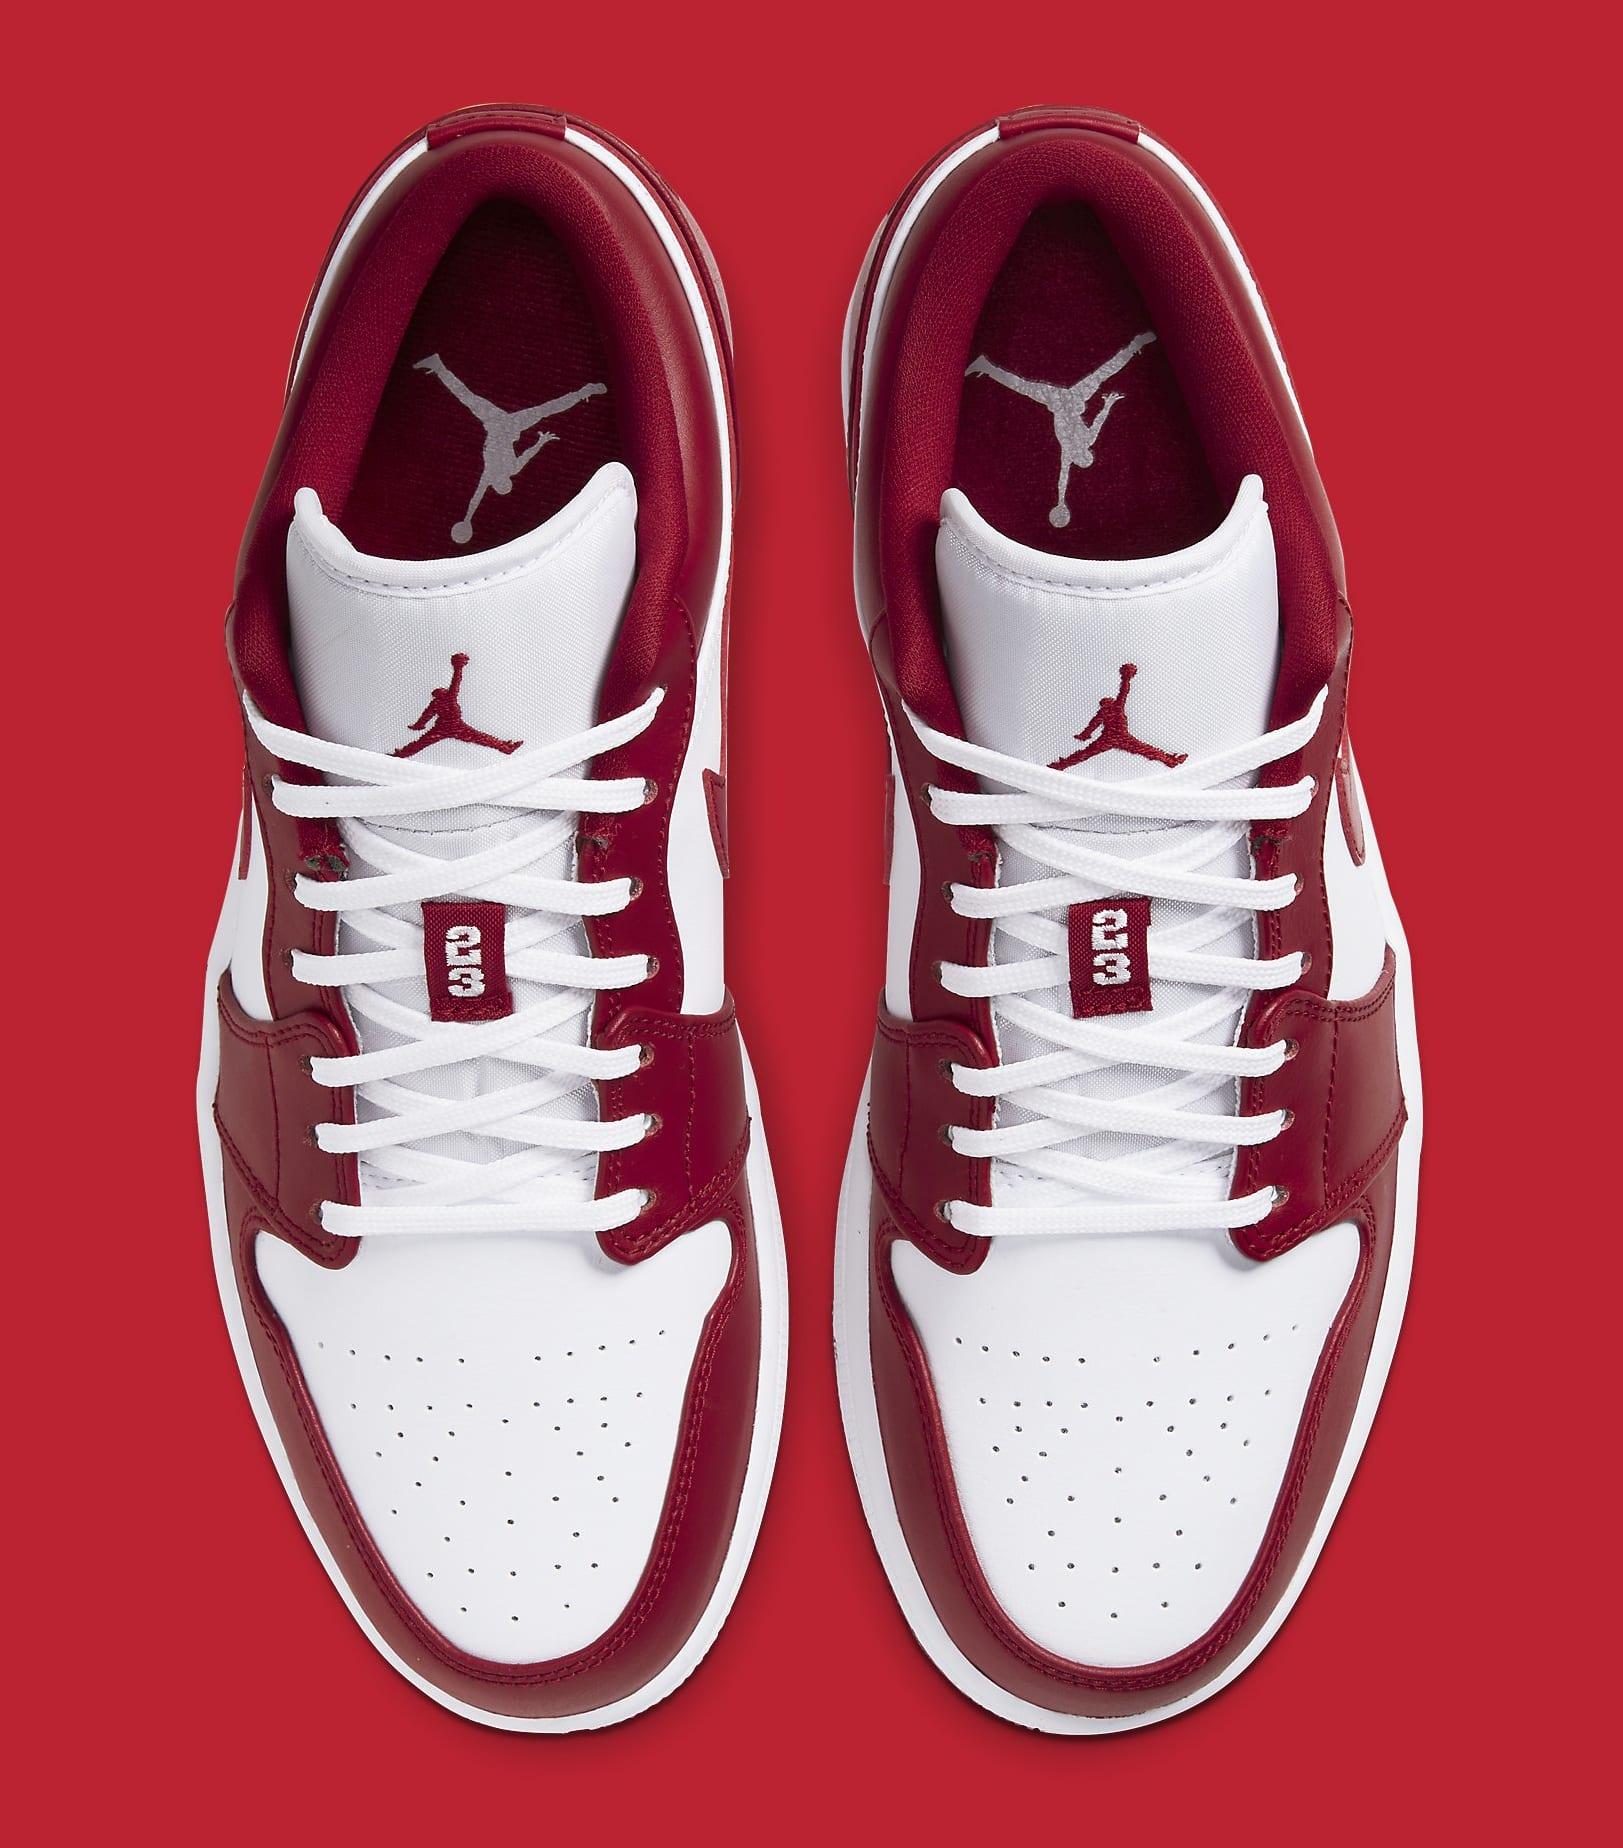 air-jordan-1-low-gym-red-553558-611-top